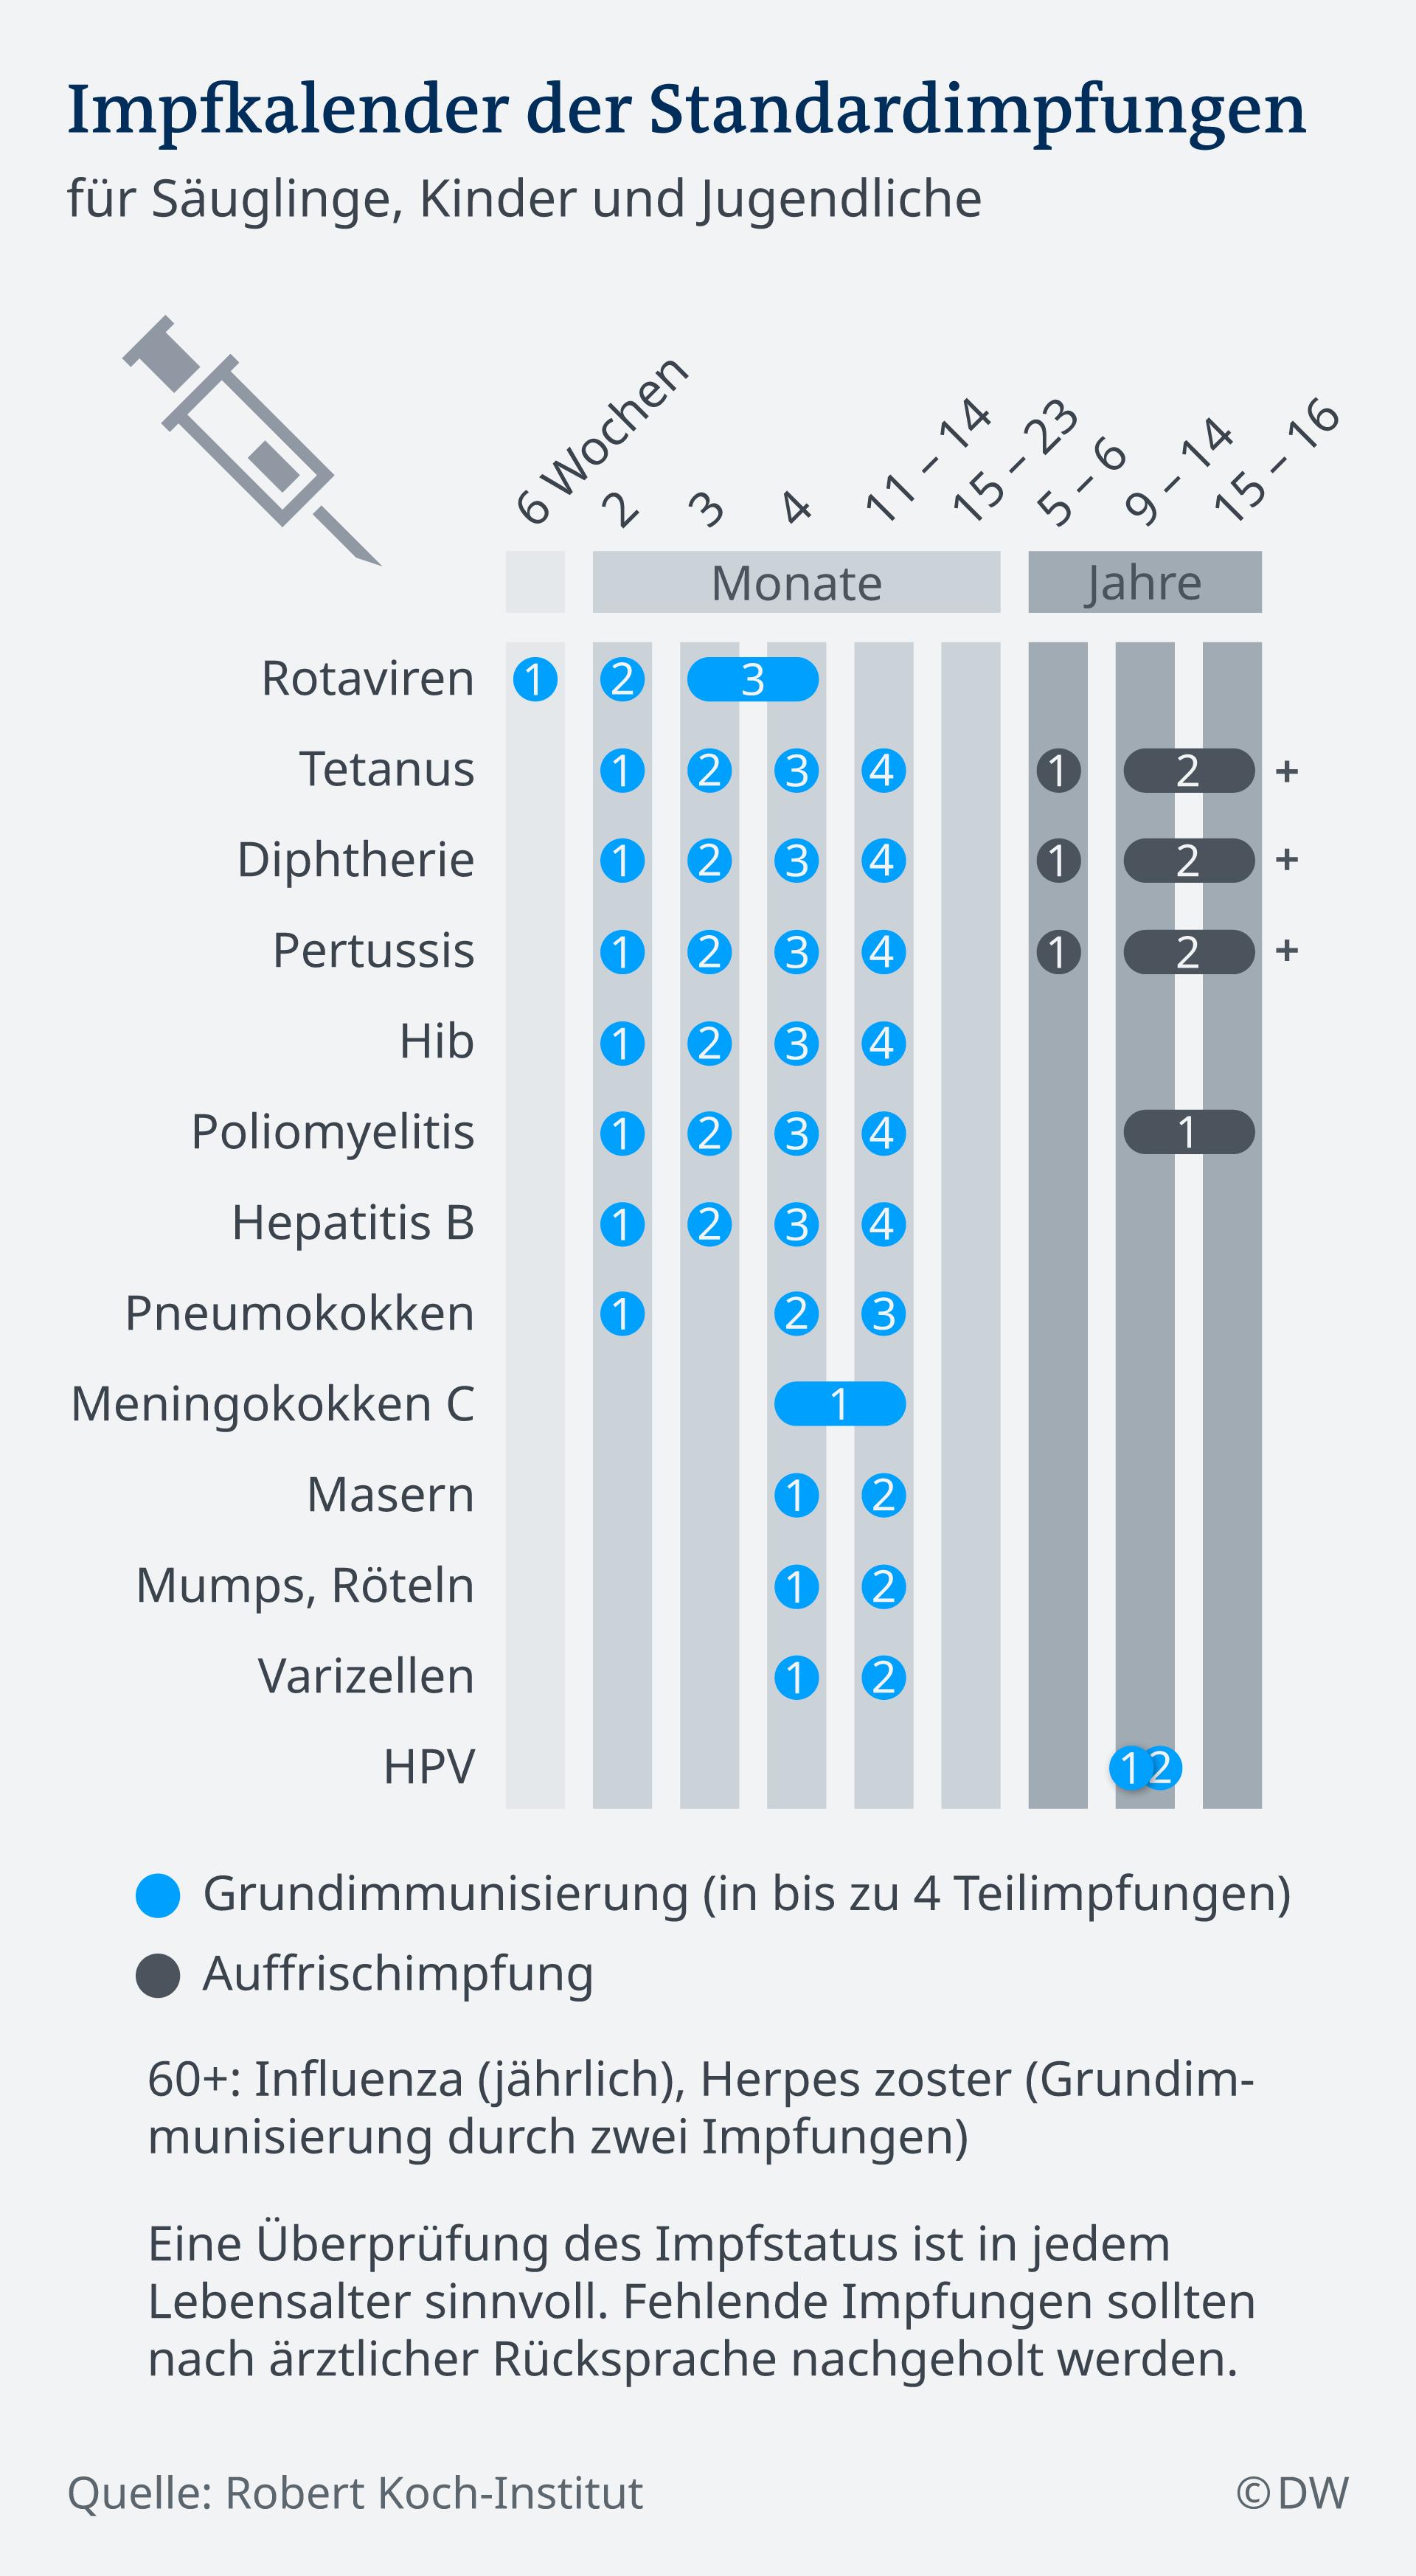 Impfkalender der Standardimpfungen